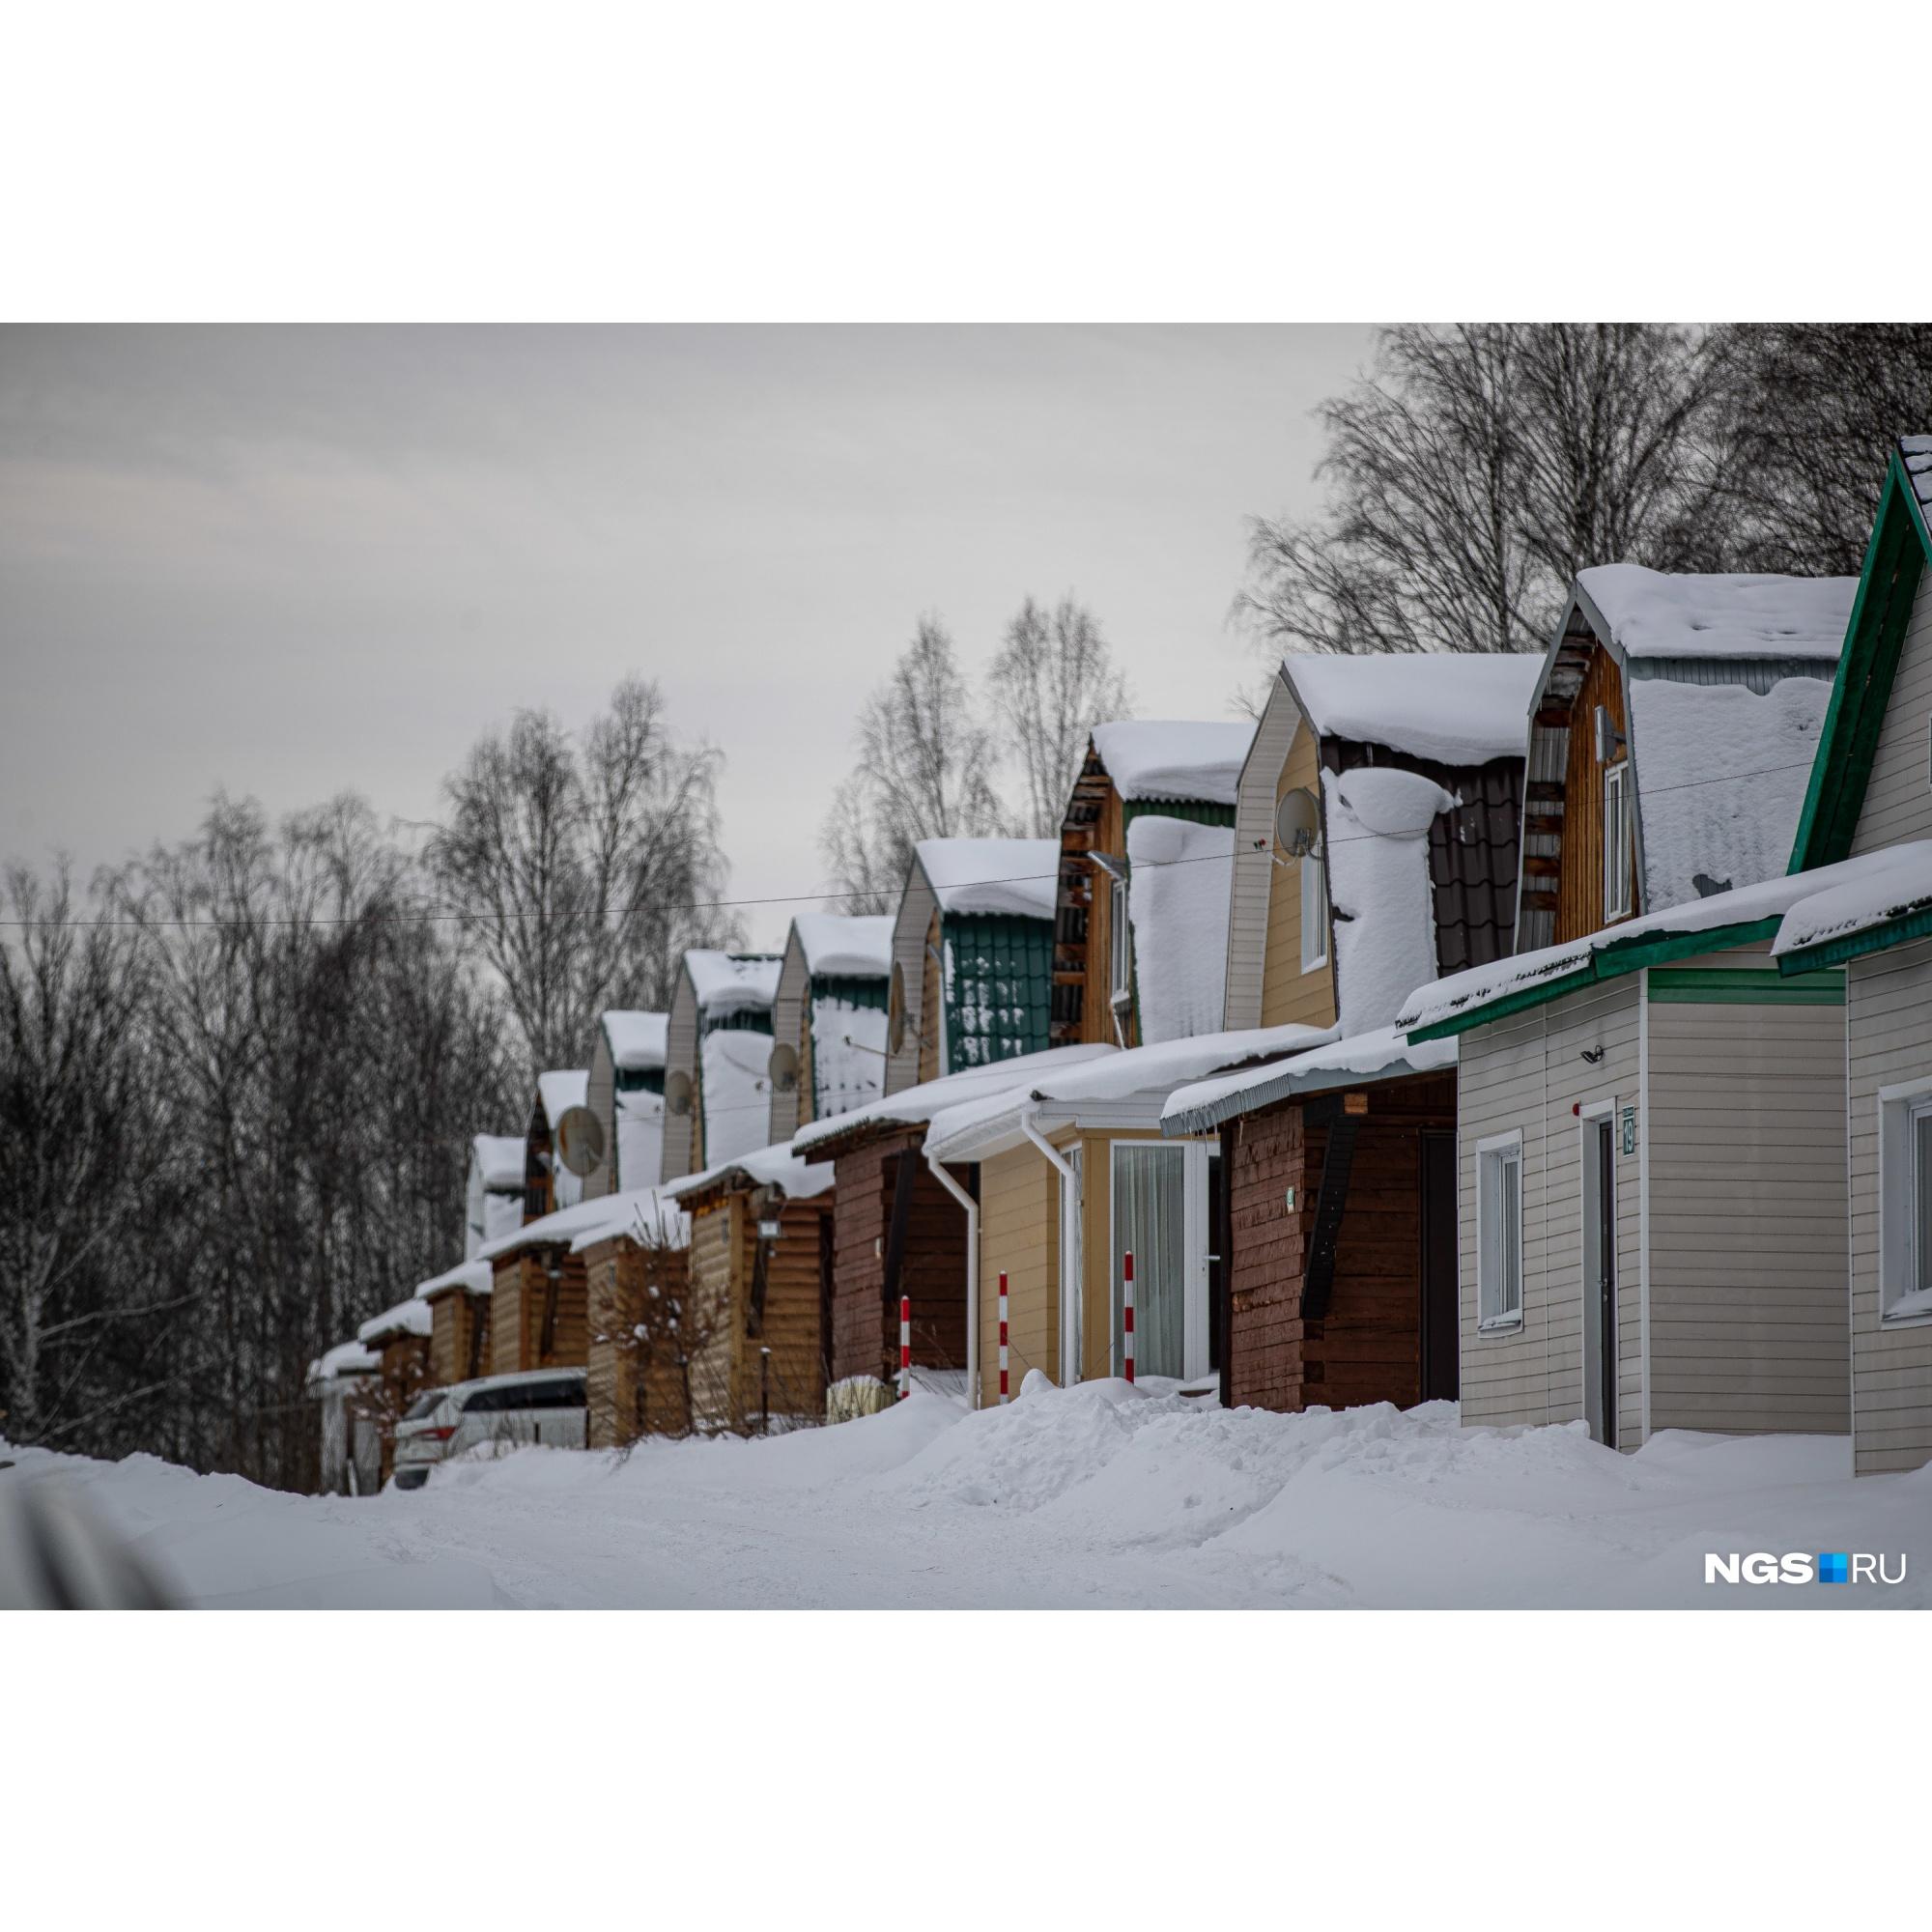 Домики в ГК «Юрманка» нескольких категорий: шале, гостевой дом, дачный дом. Они различаются по цене и вместимости